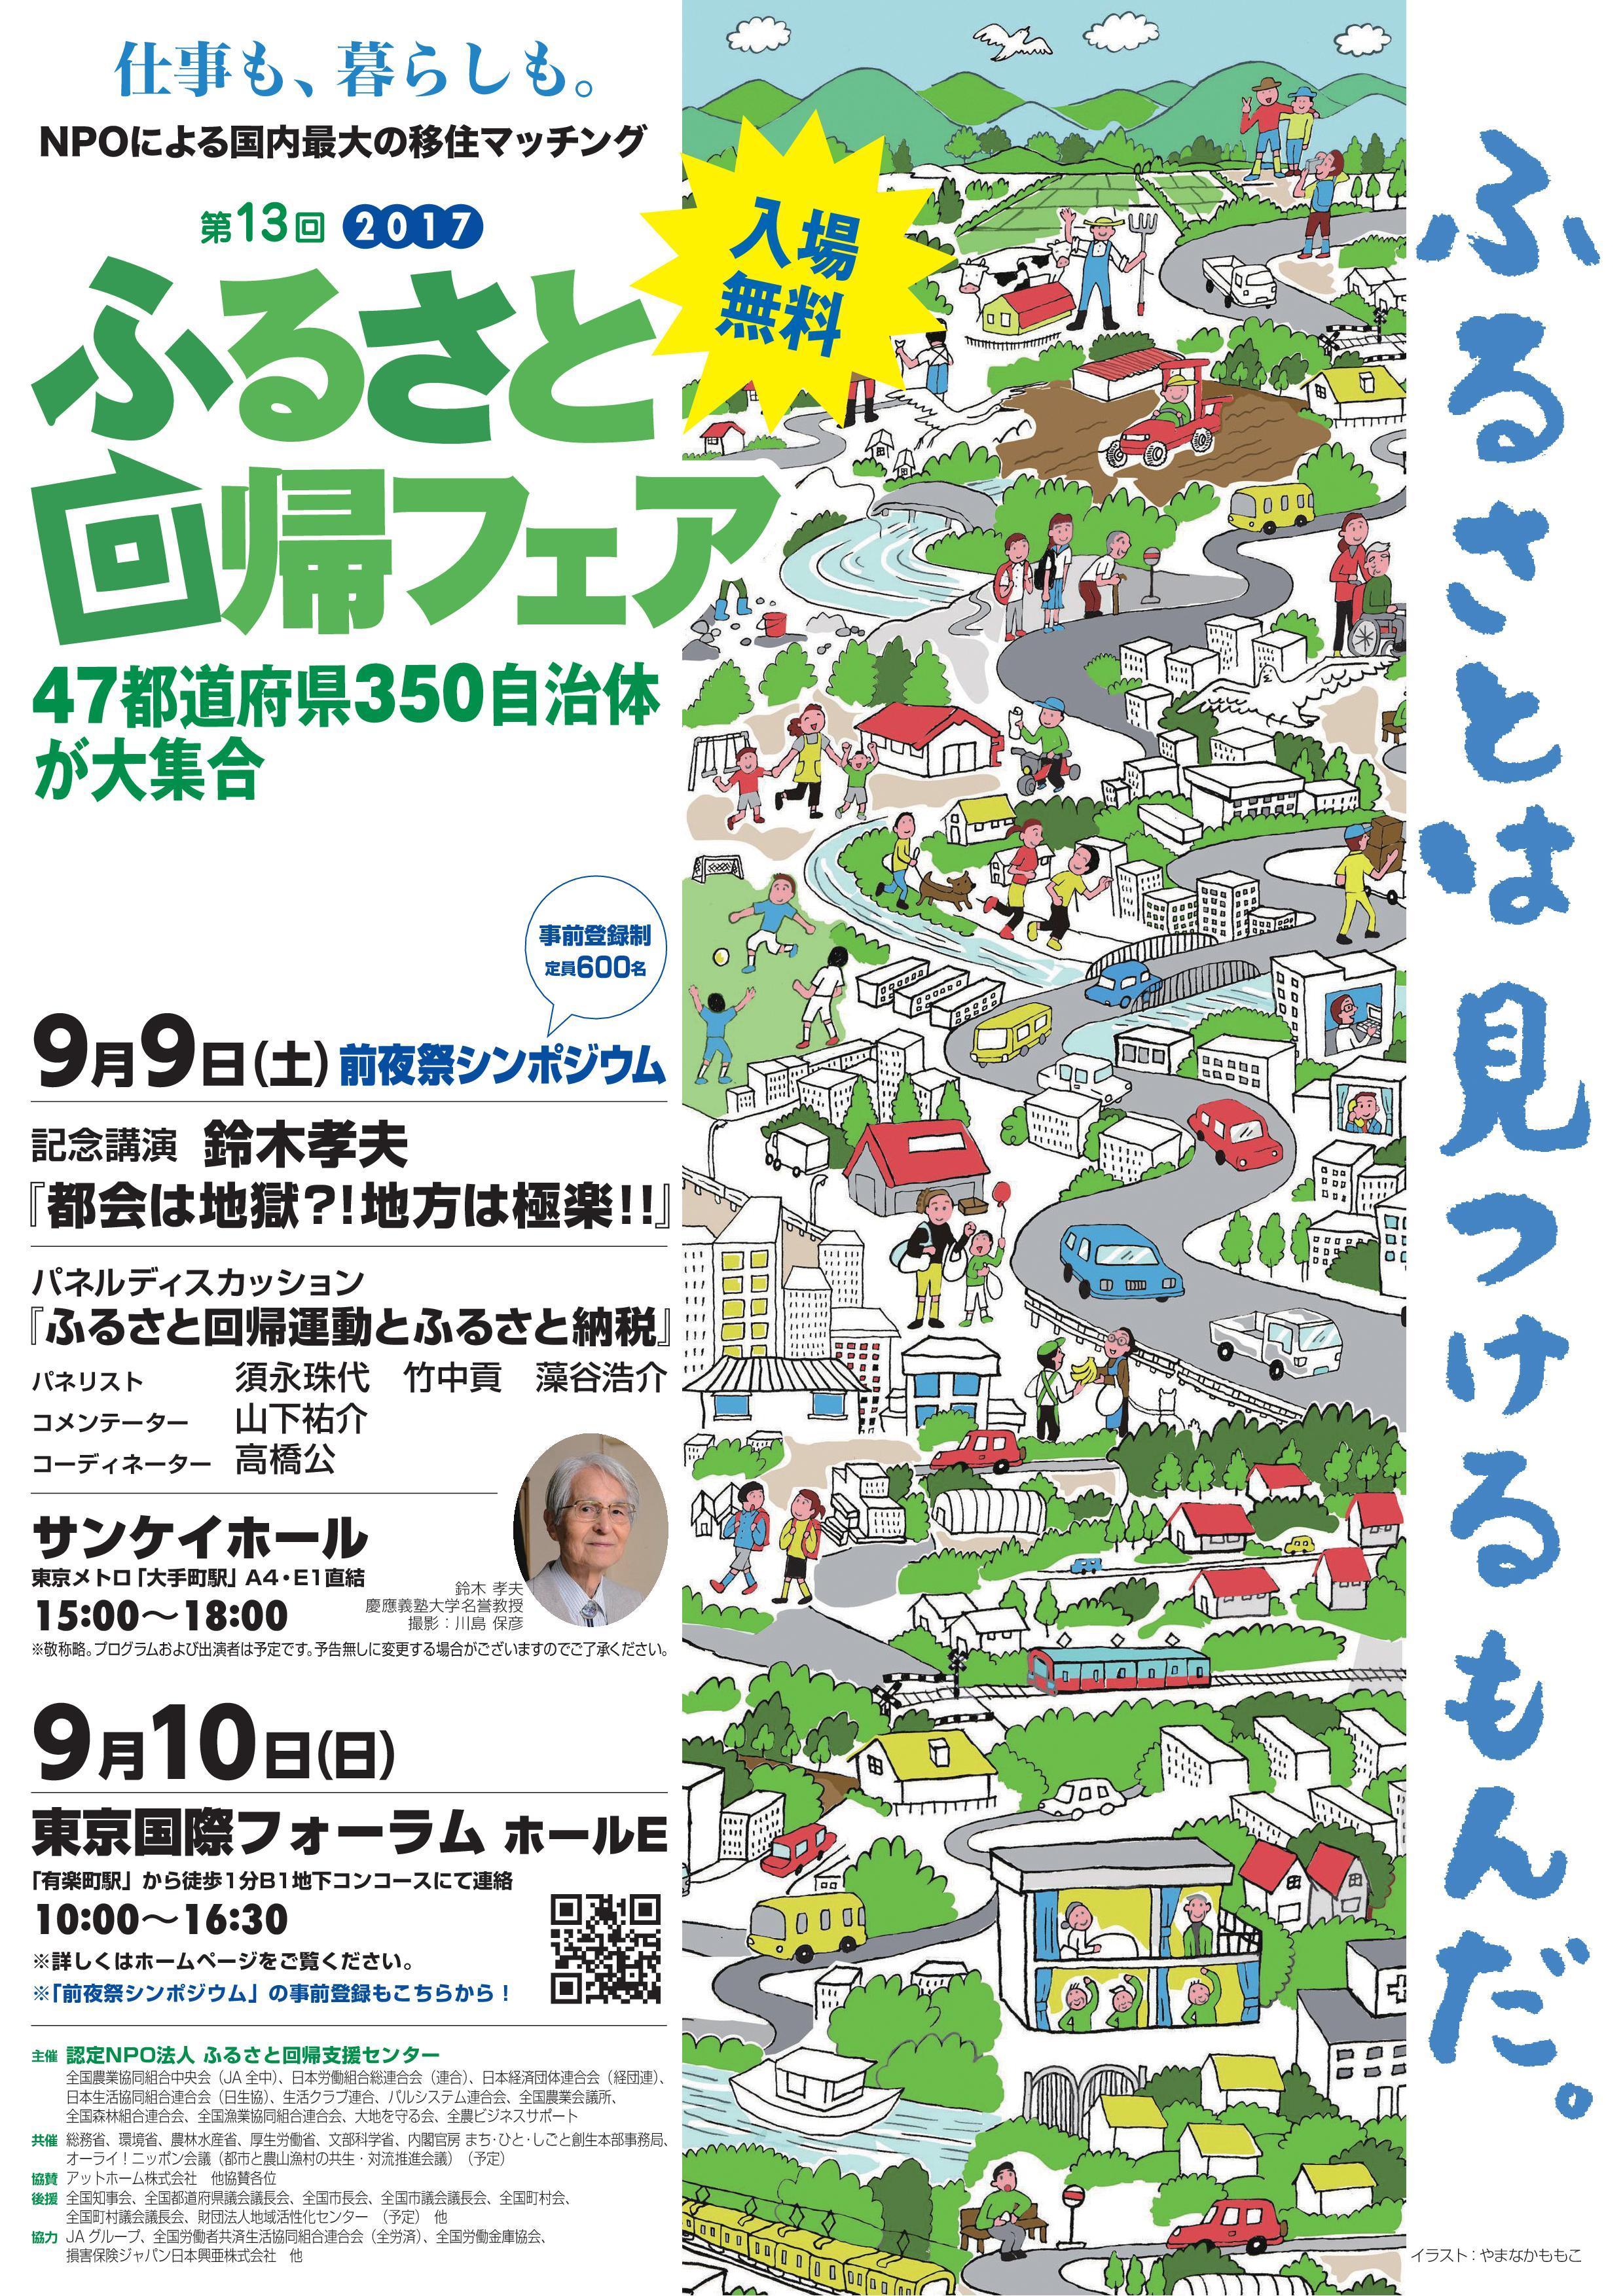 2017年9月10日(日)第13回ふるさと回帰フェア2017に津山市も参加します